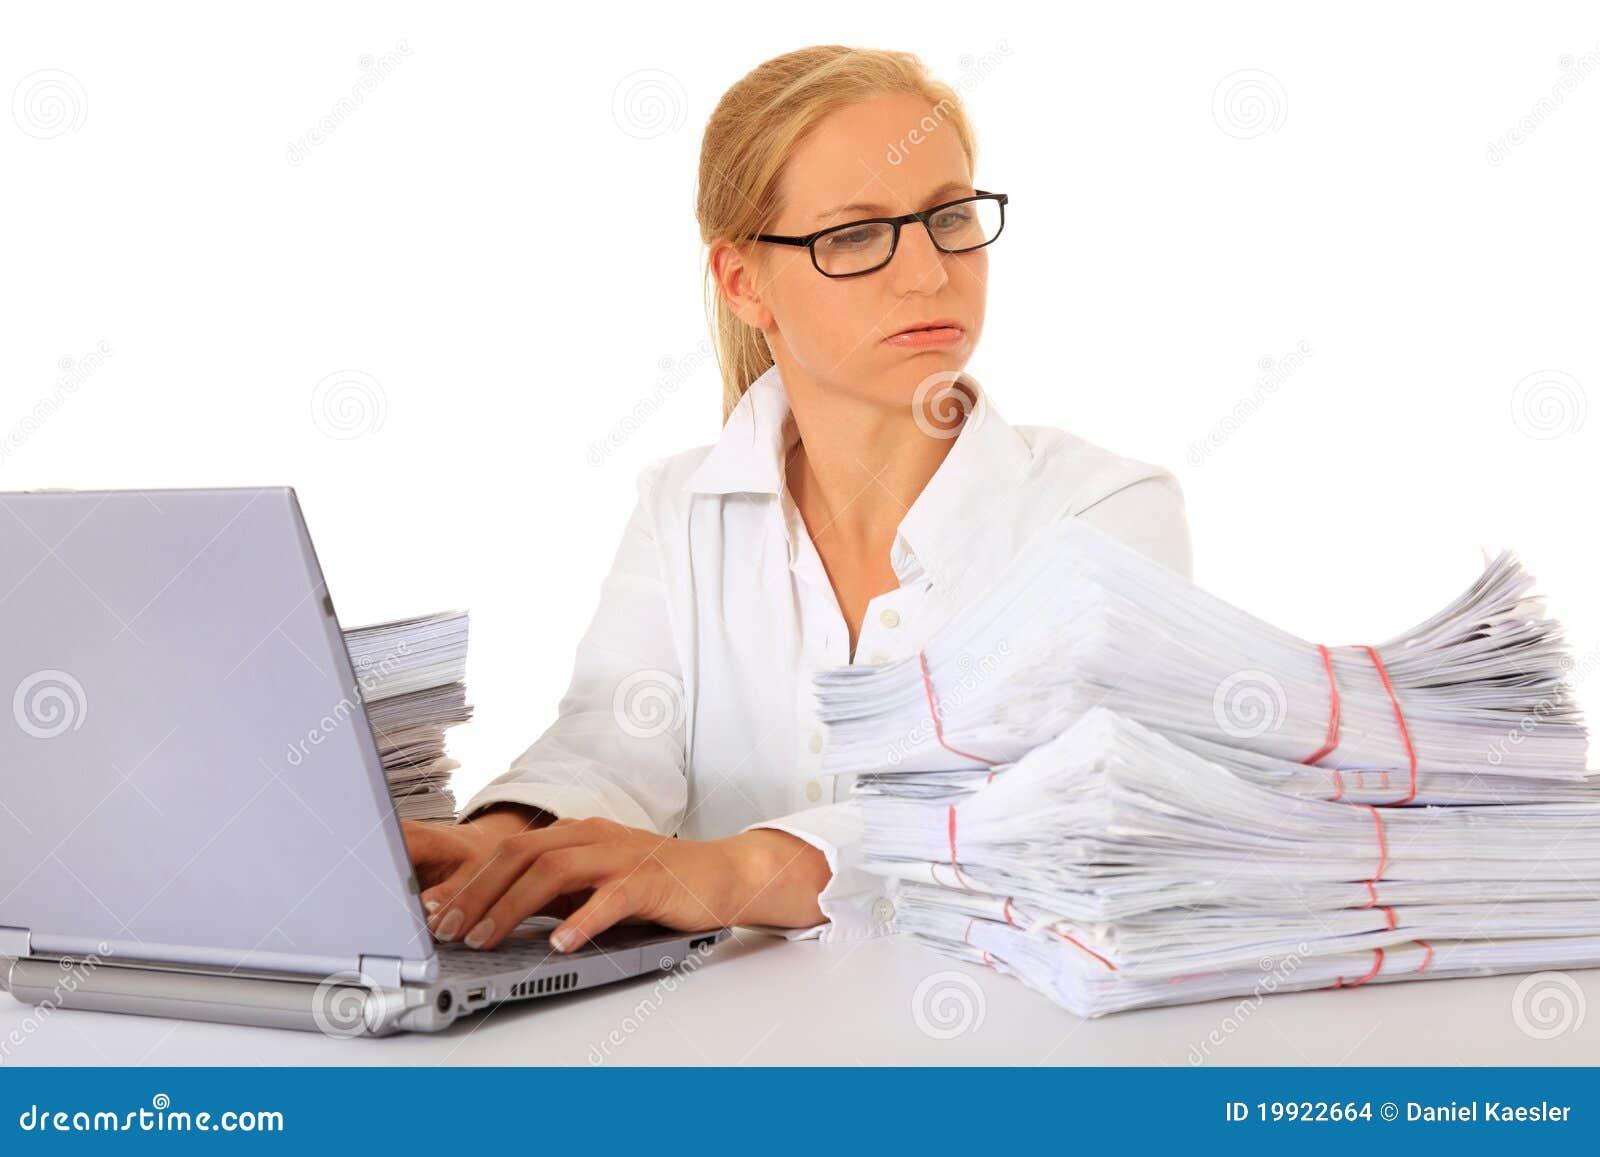 Sekretär erhielt viel Arbeit, um zu tun